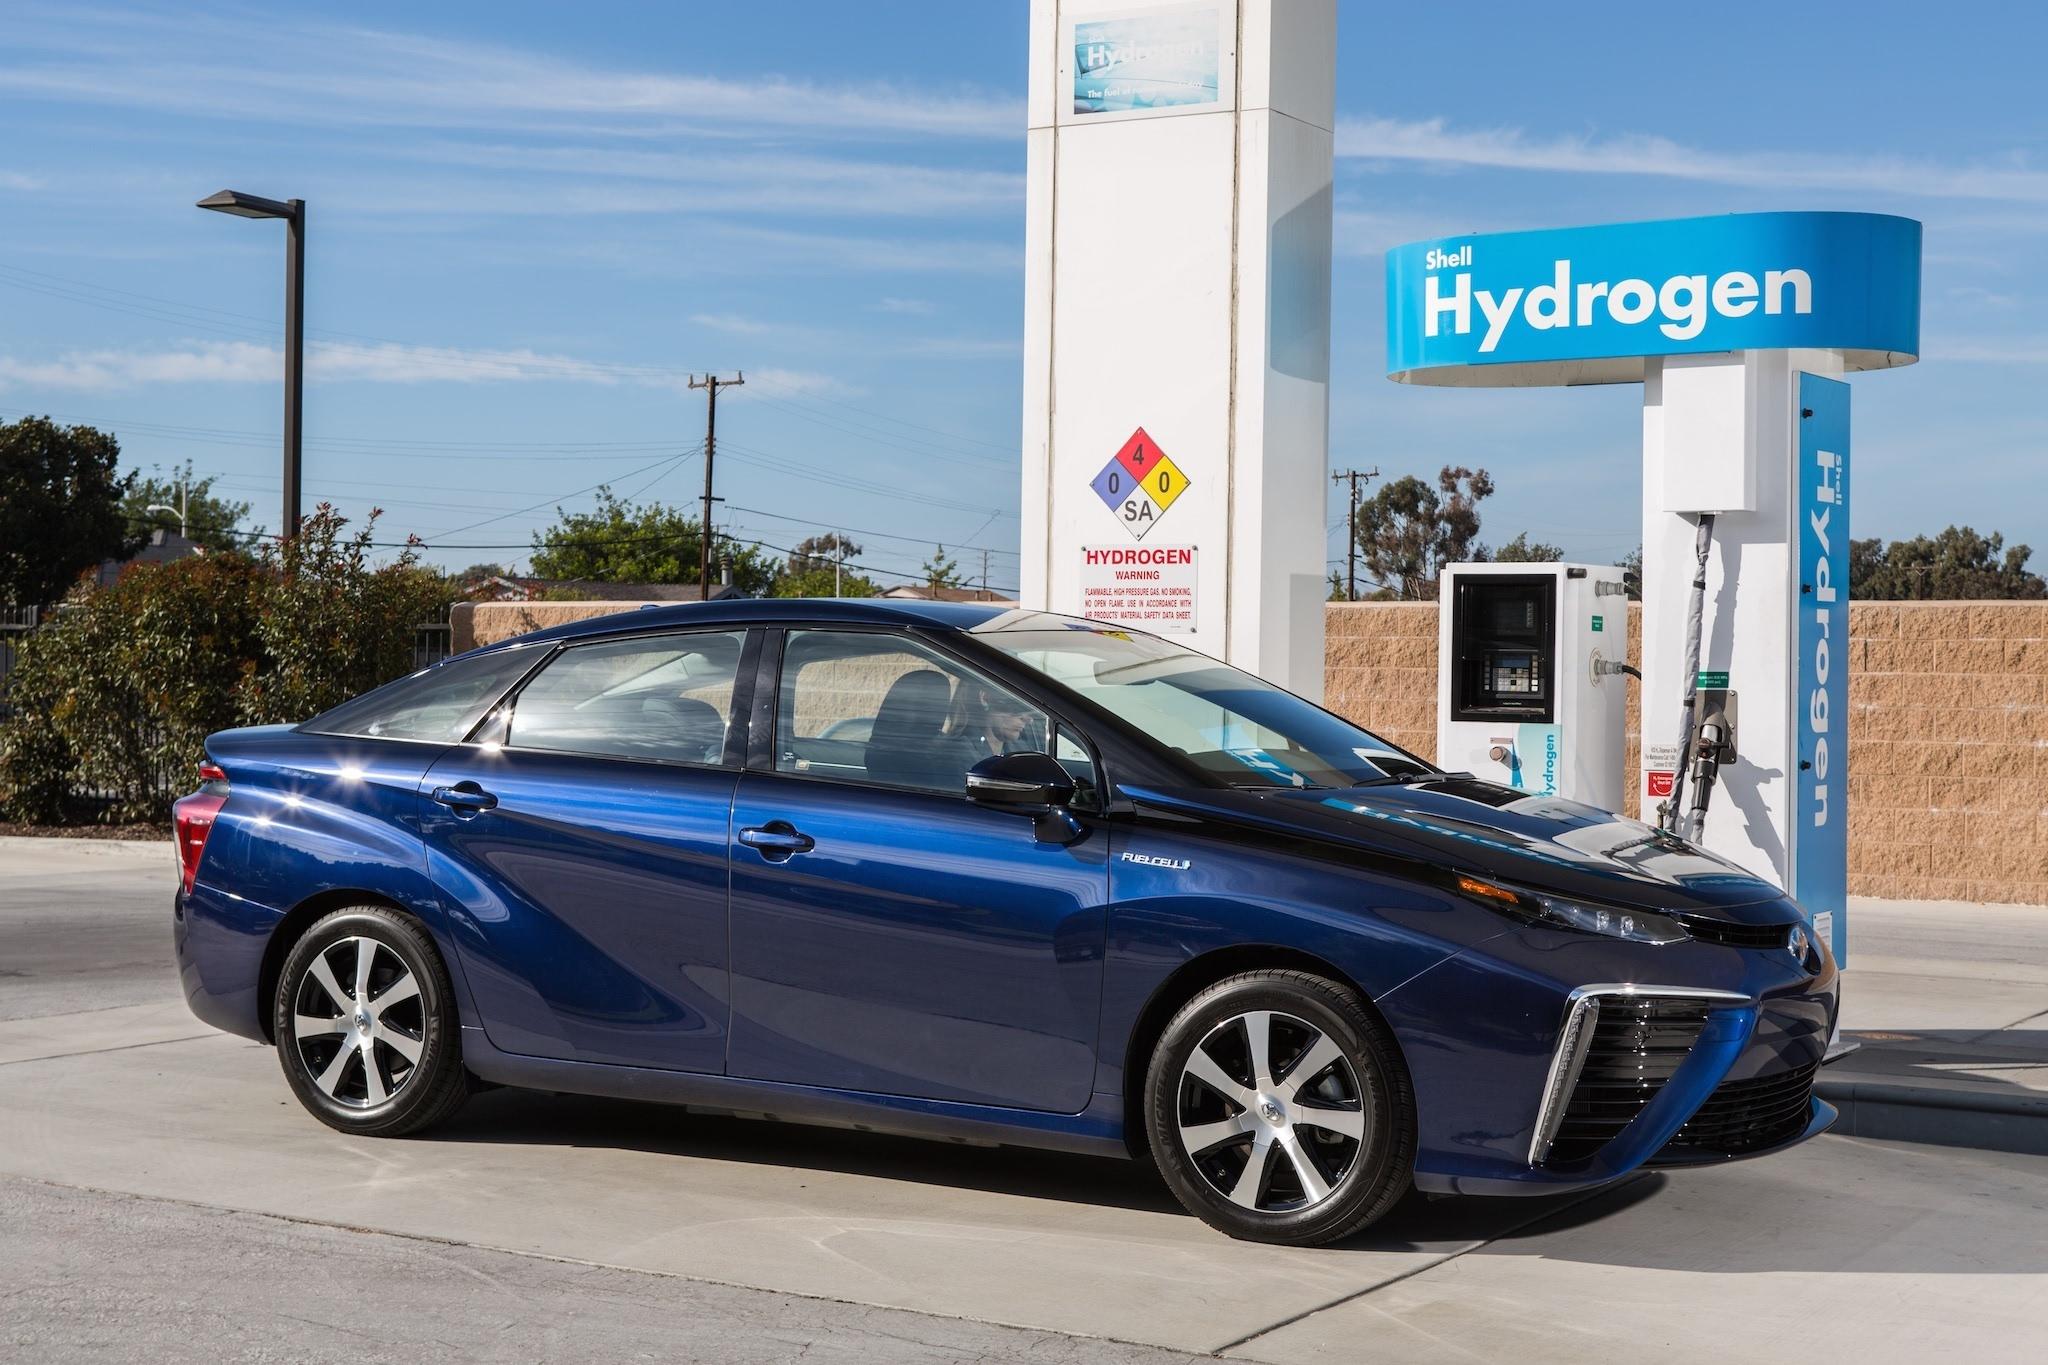 一半海水一半火焰 氢燃料电池乘用车几多欢喜几多愁